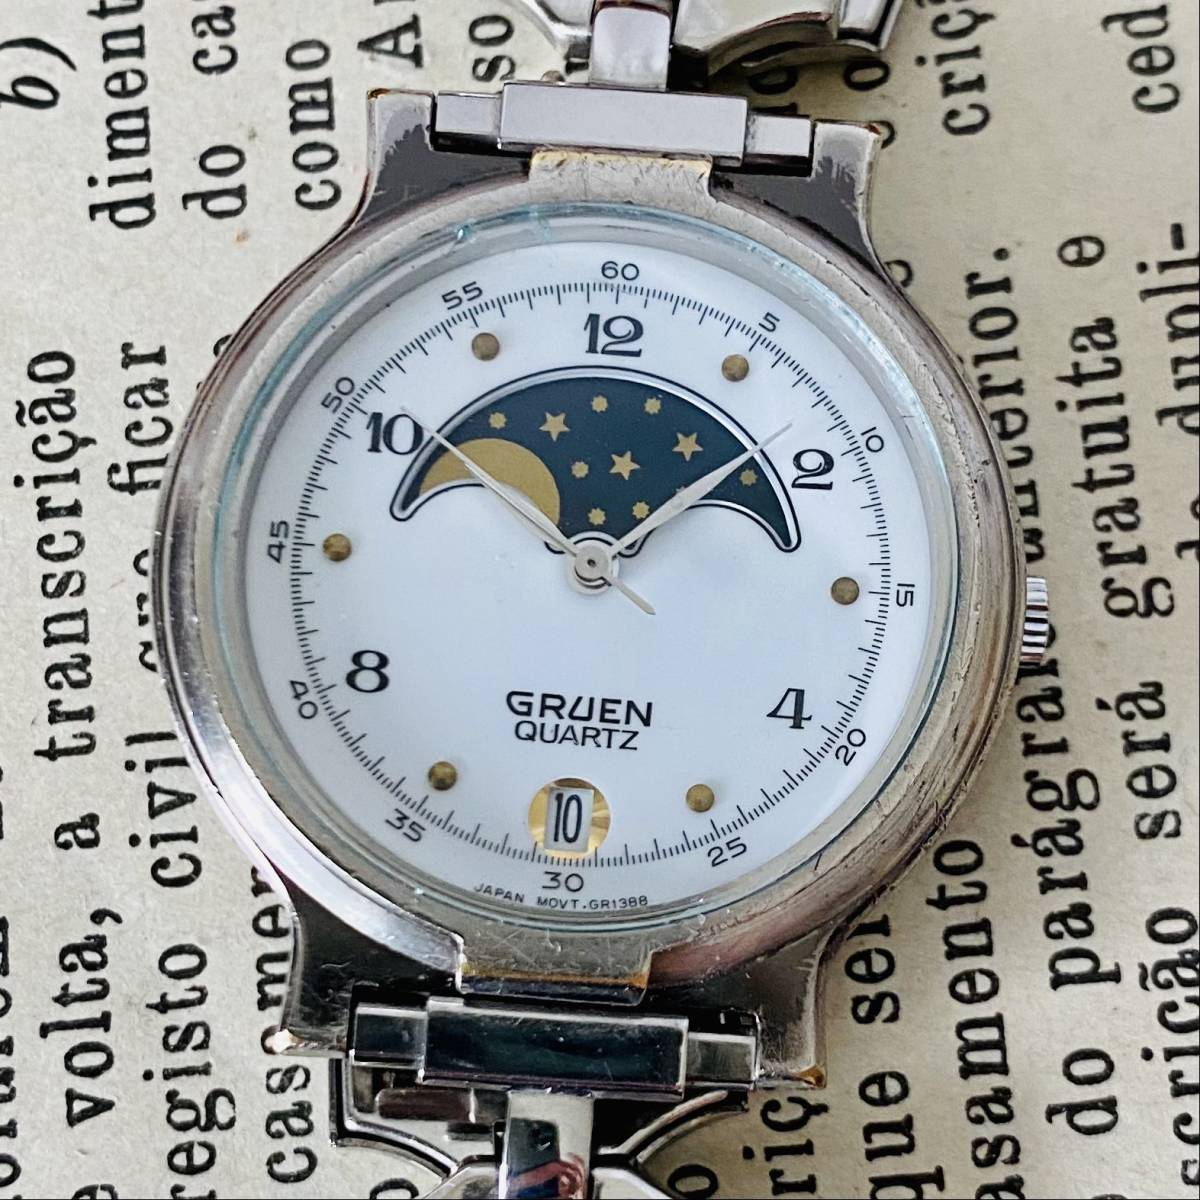 【高級時計グリュエン】Gruen ムーンフェイス クォーツ 腕時計 レディース ビンテージ ブレスレット カクテル ウォッチ クリスタル 訳あり_画像1